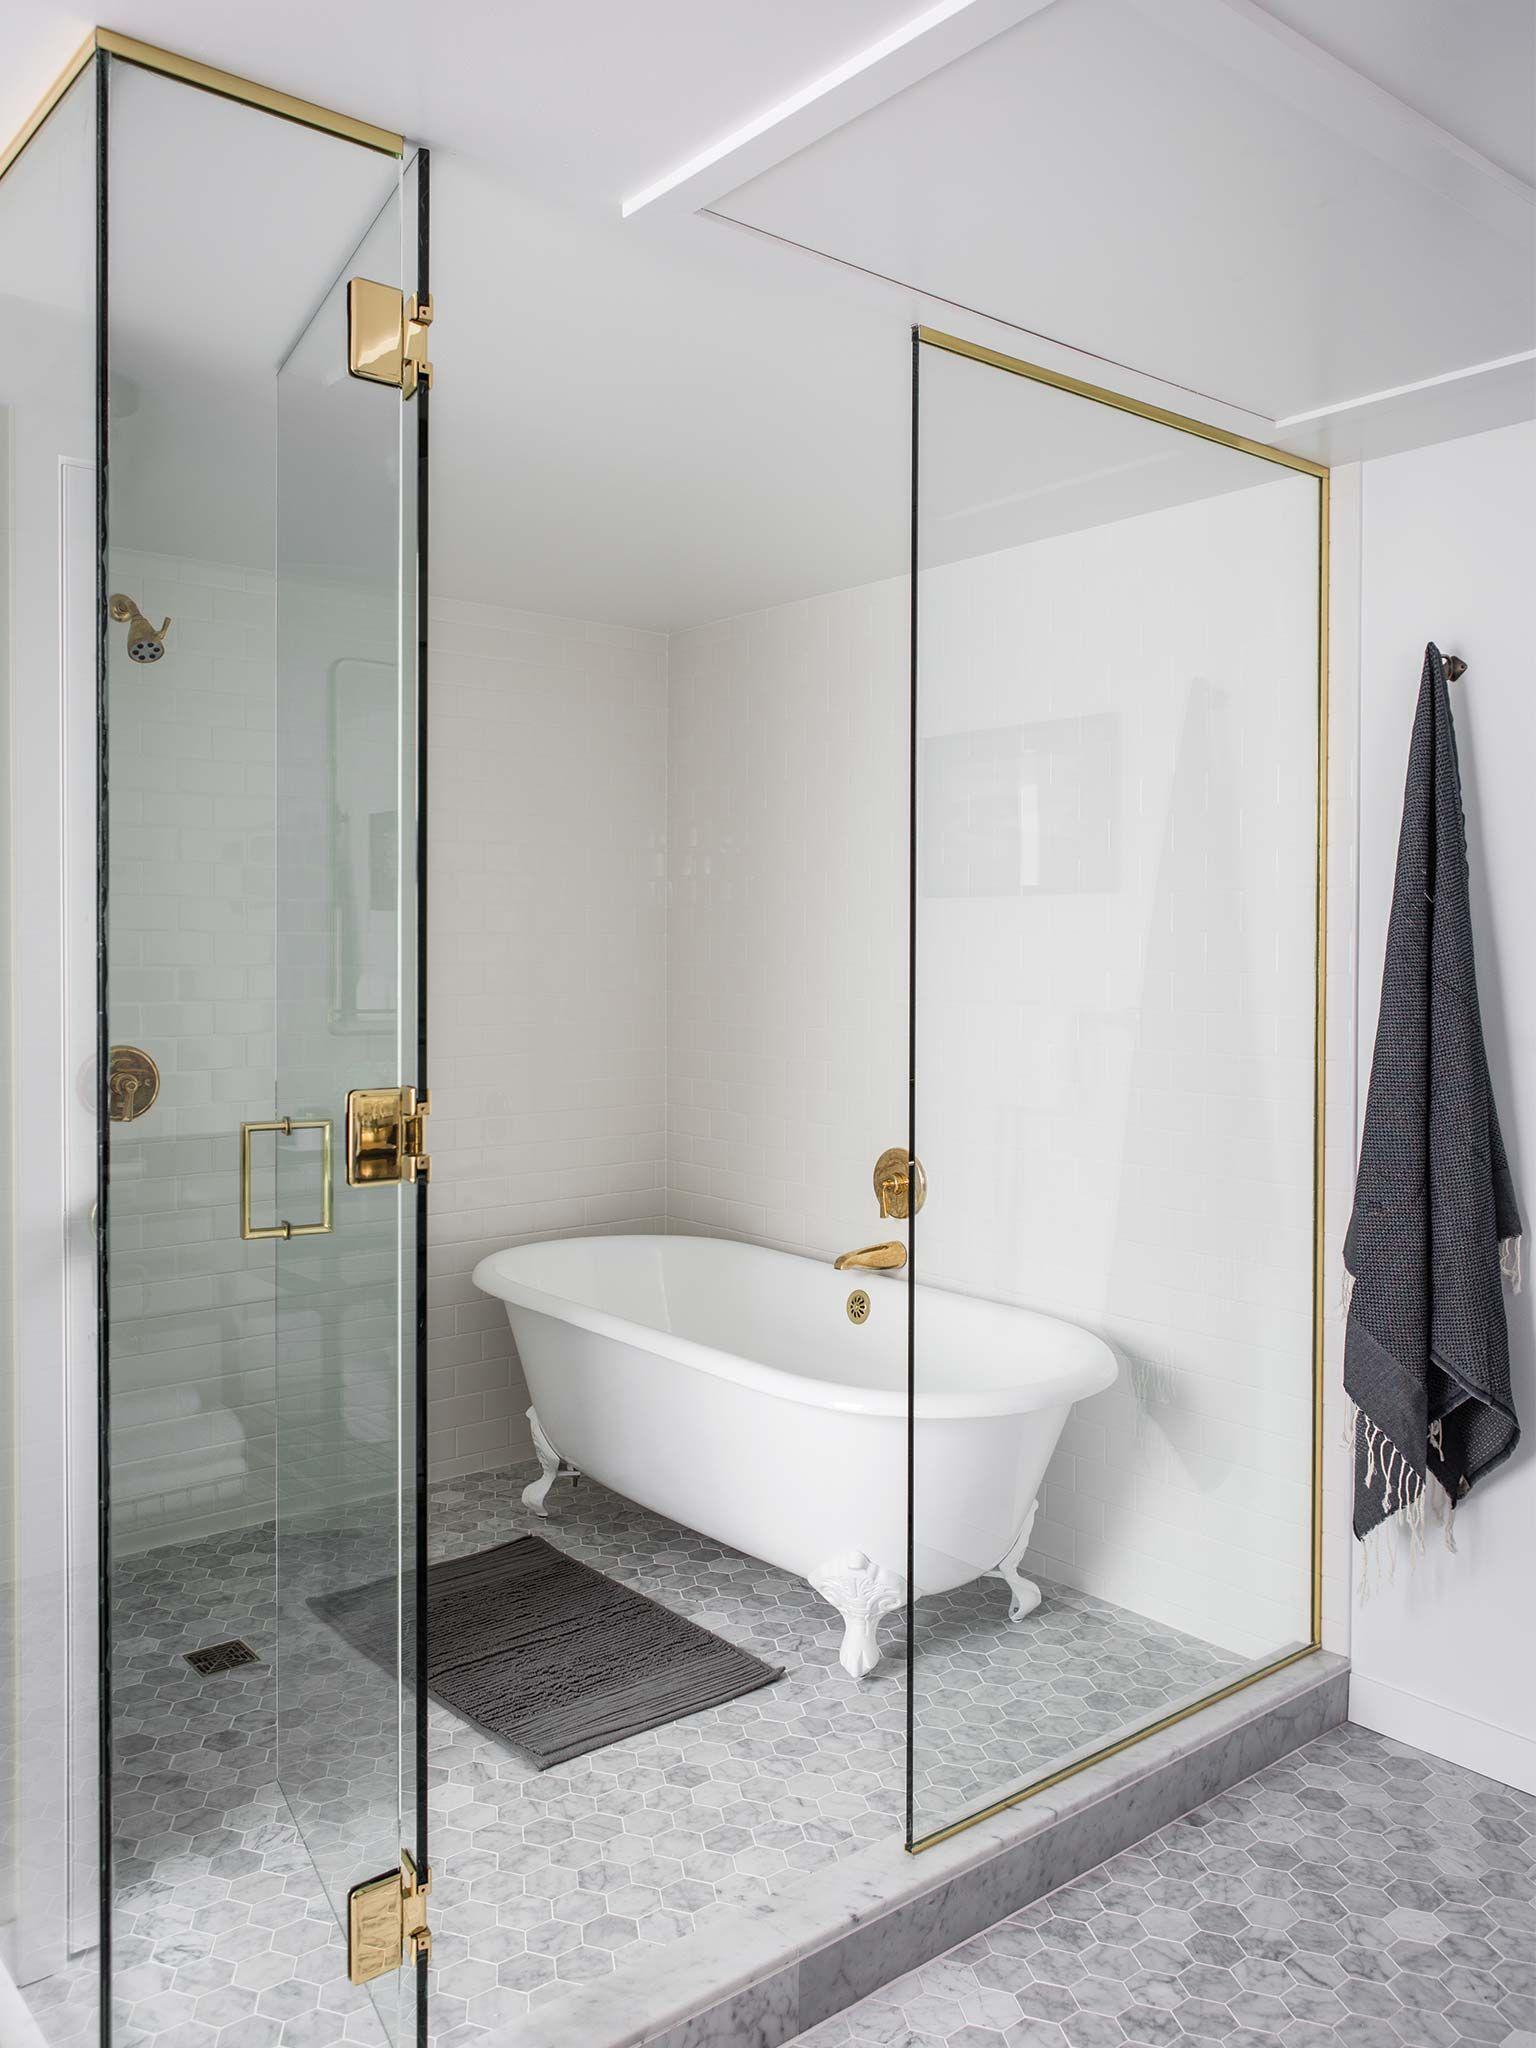 Stand Alone Bath Inside Shower Area | Nicole Hollis. BadezimmerWohnung  BadezimmerHotelbäderBad InspirationEklektische Badezimmer BadezimmerideenDuschen